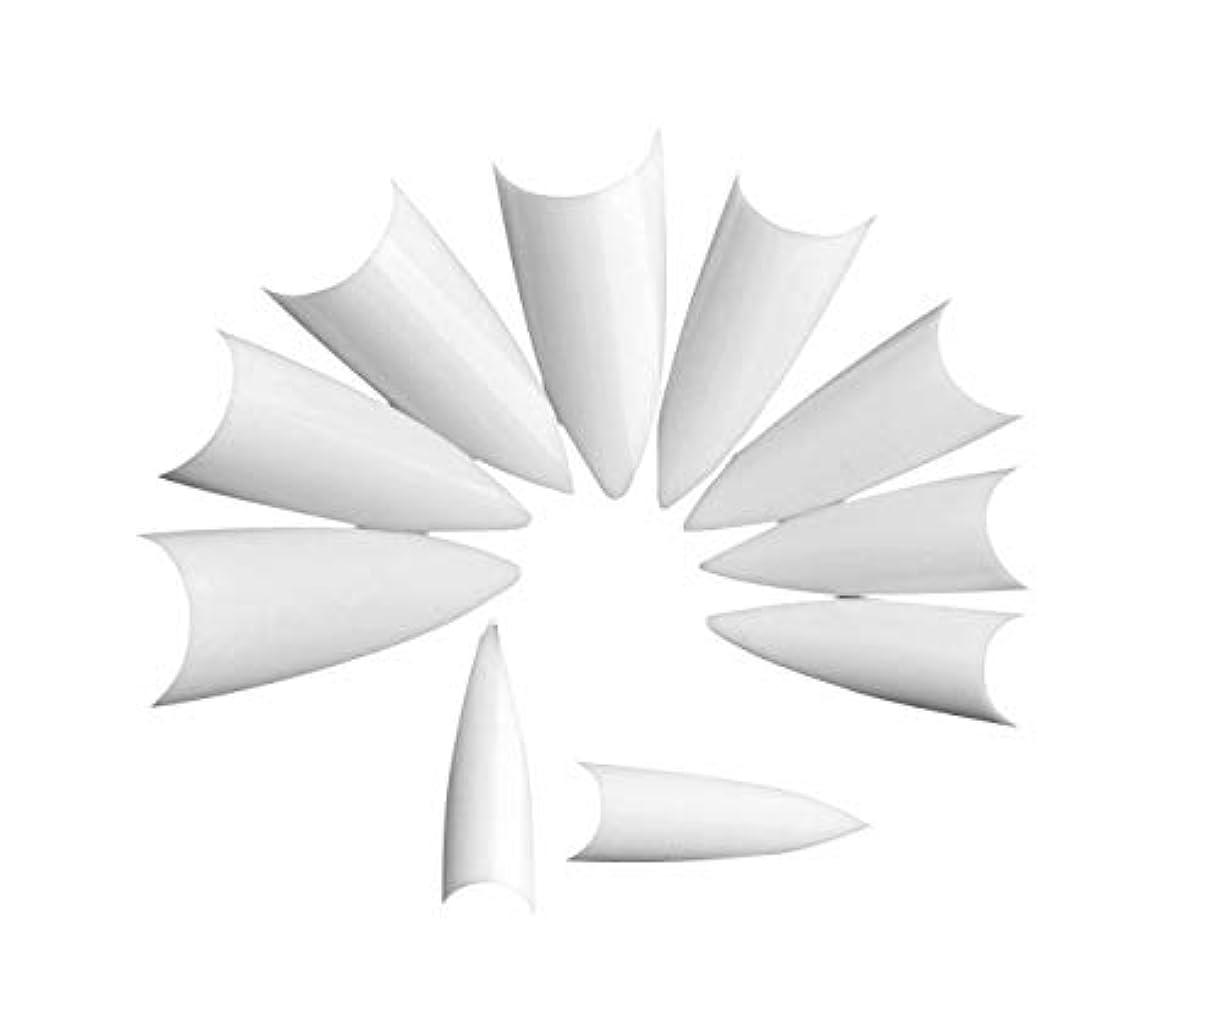 第九レモン効率Tianmey フルカバーネイルのヒント女性のための偽の釘ネイルサロンや家庭でのDIYネイルアート用10のサイズ、理想のクリスマスギフトを (Color : White)